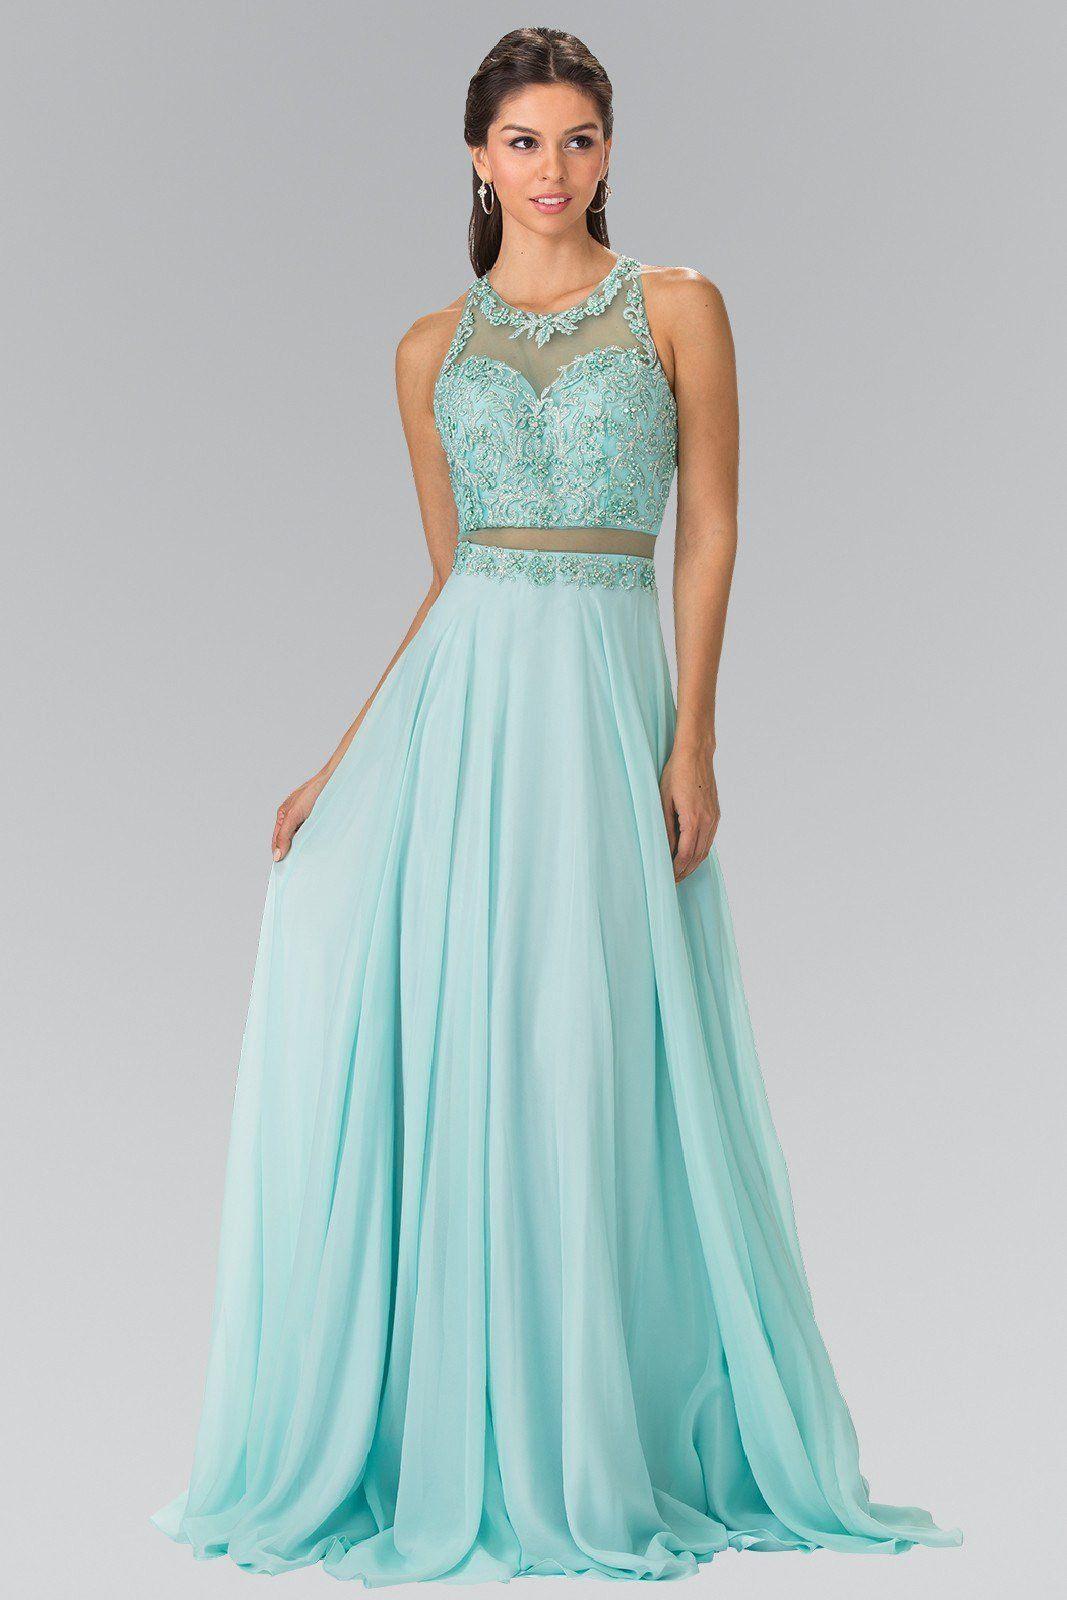 Sexy illusion 2 piece cheap long chiffon prom dress #Gl2347 ...